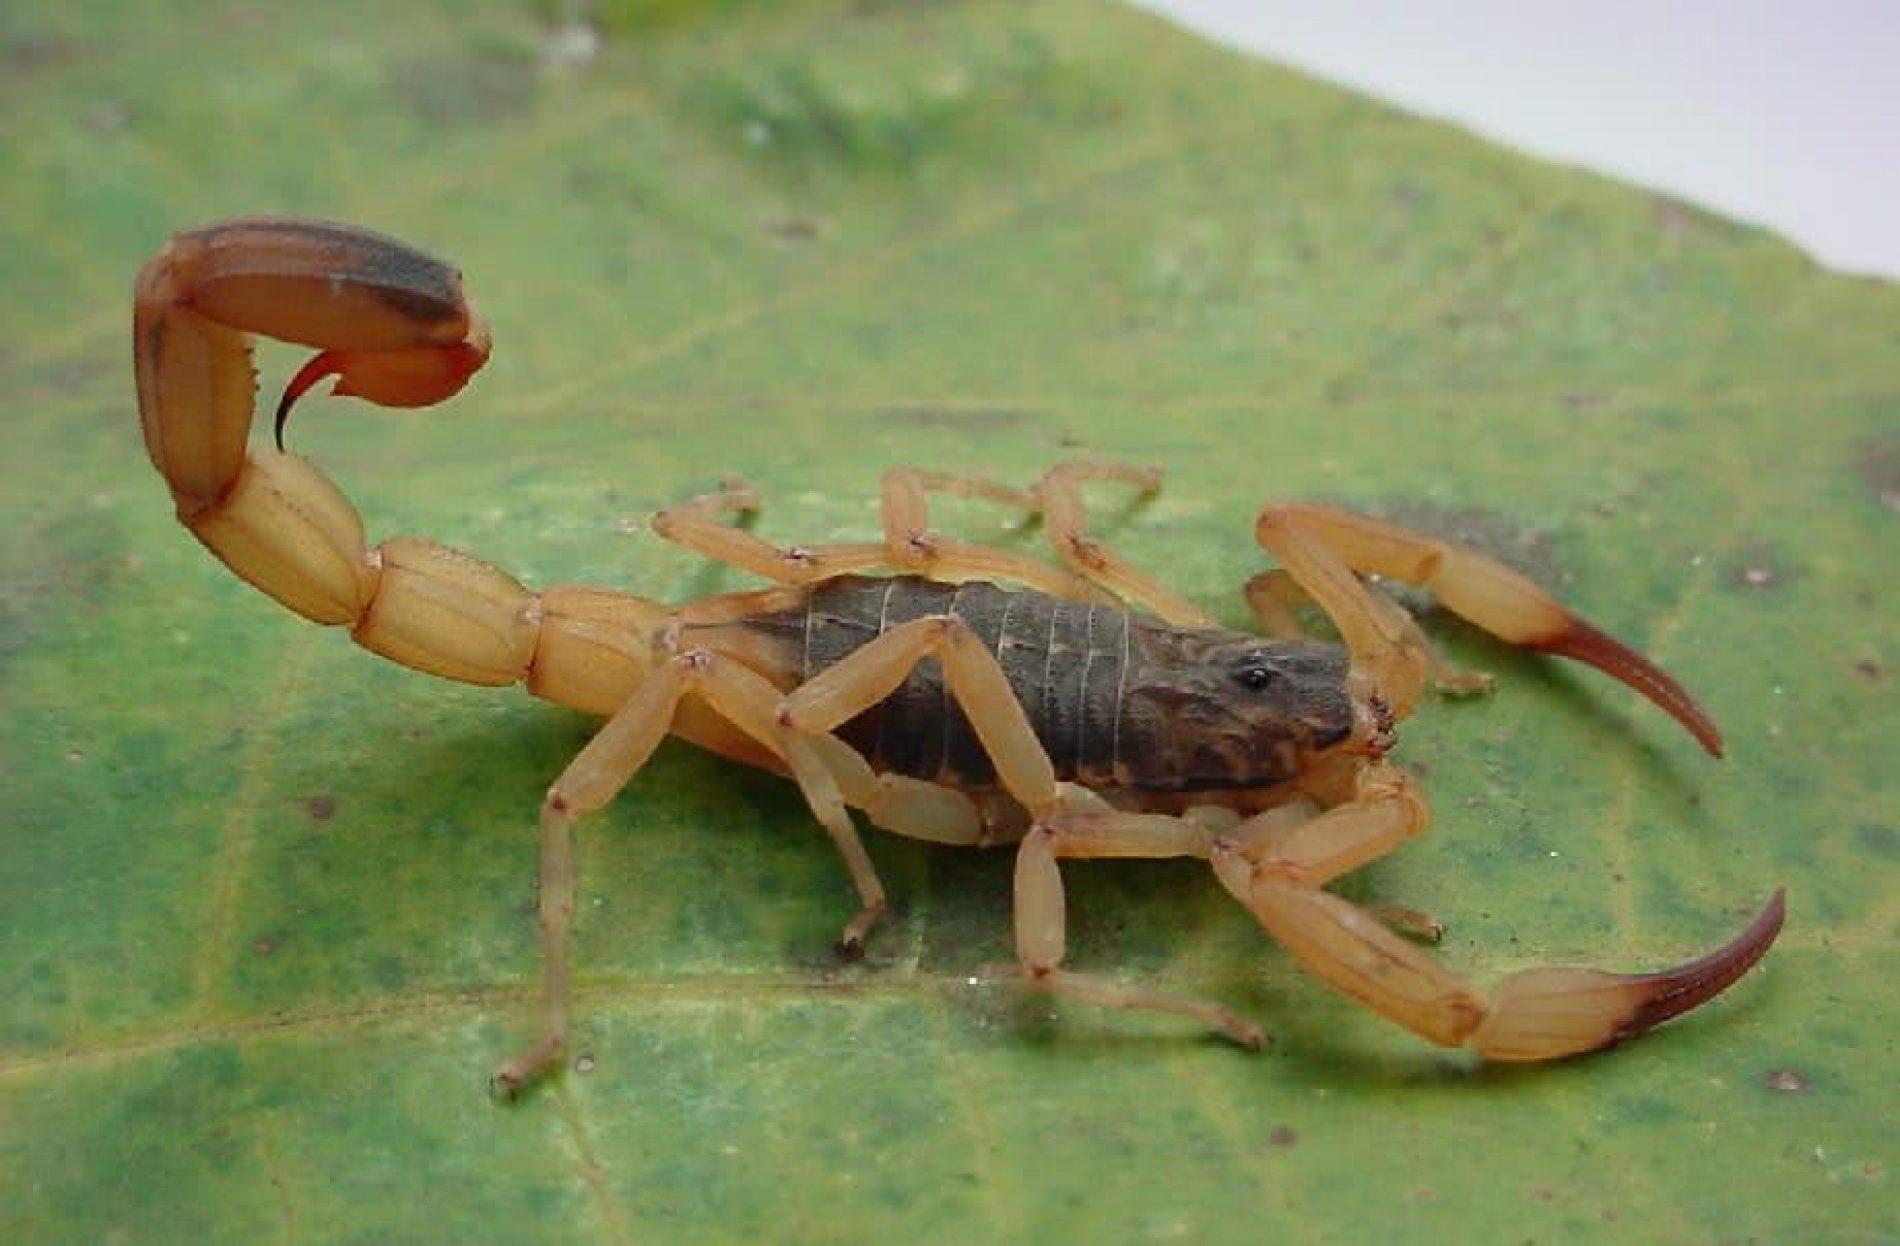 REGIÃO: Menina de 7 anos é picada por escorpião em área externa de escola